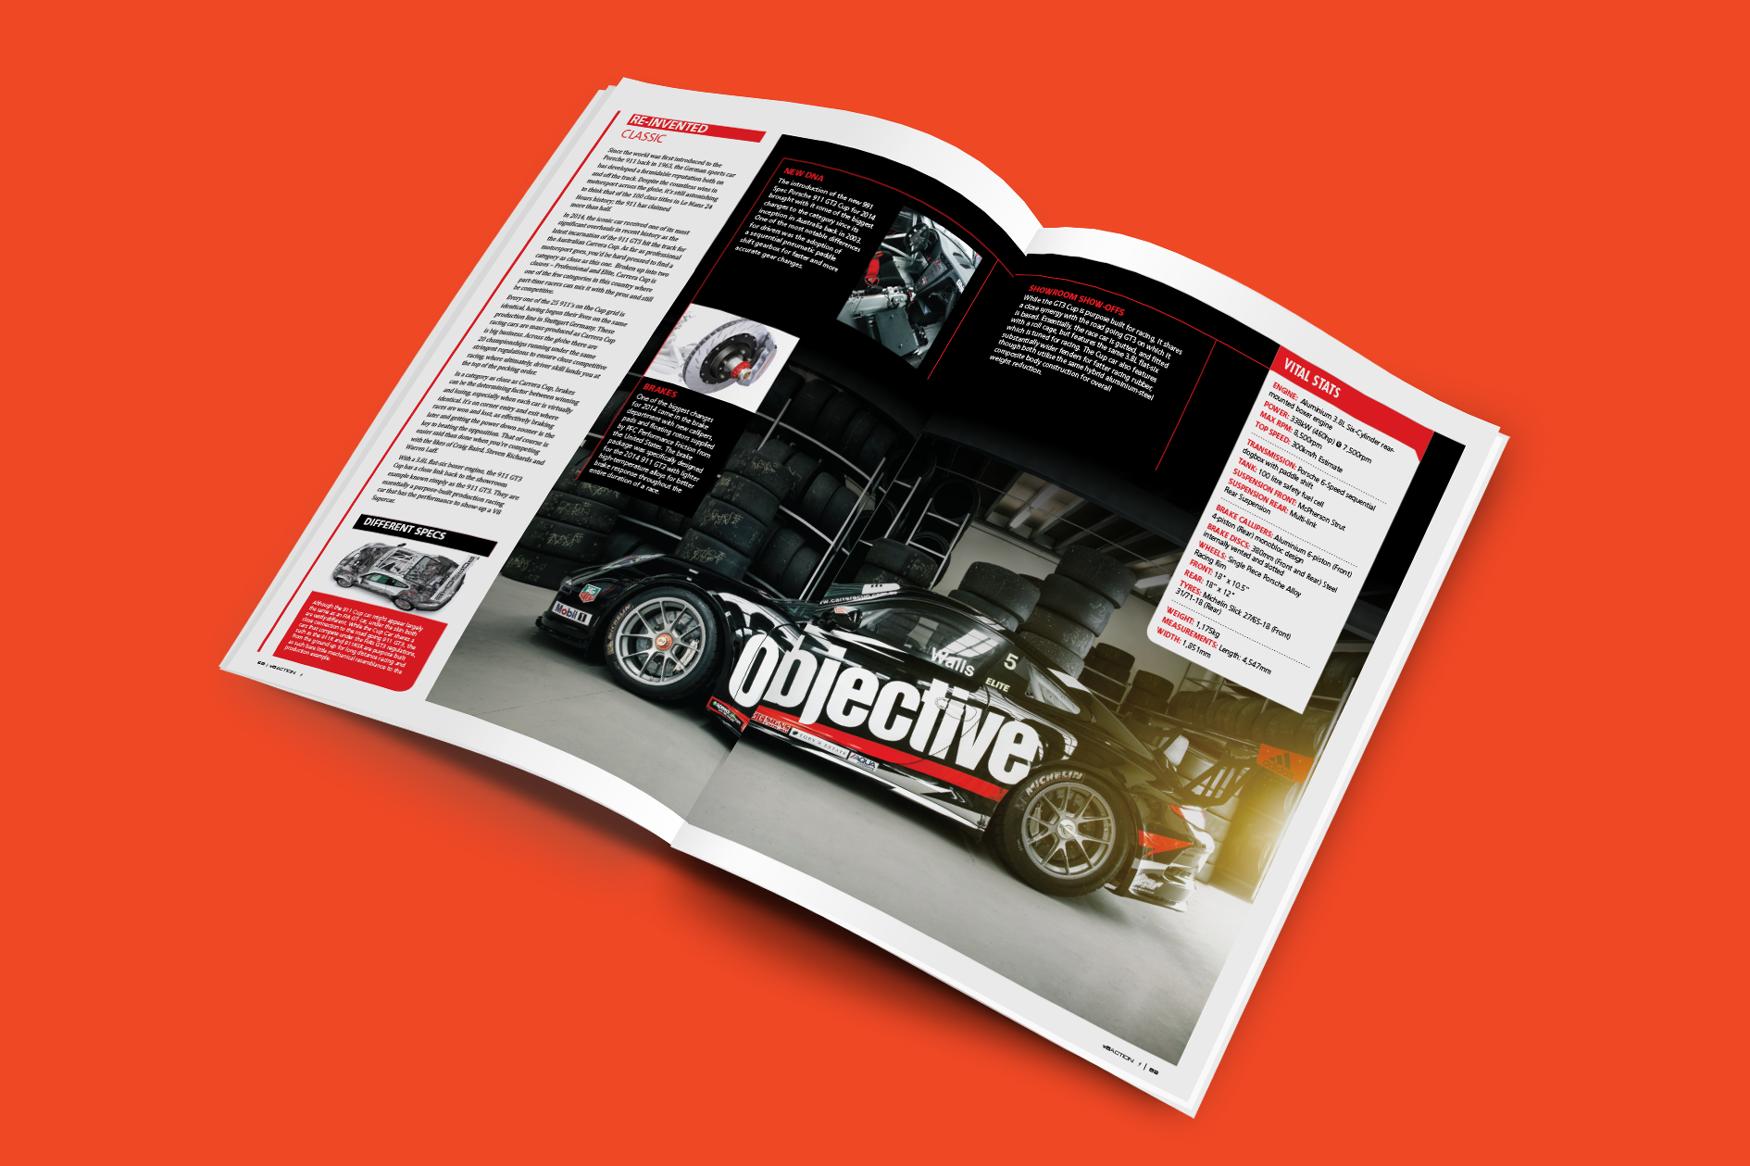 Porsche magazine spread